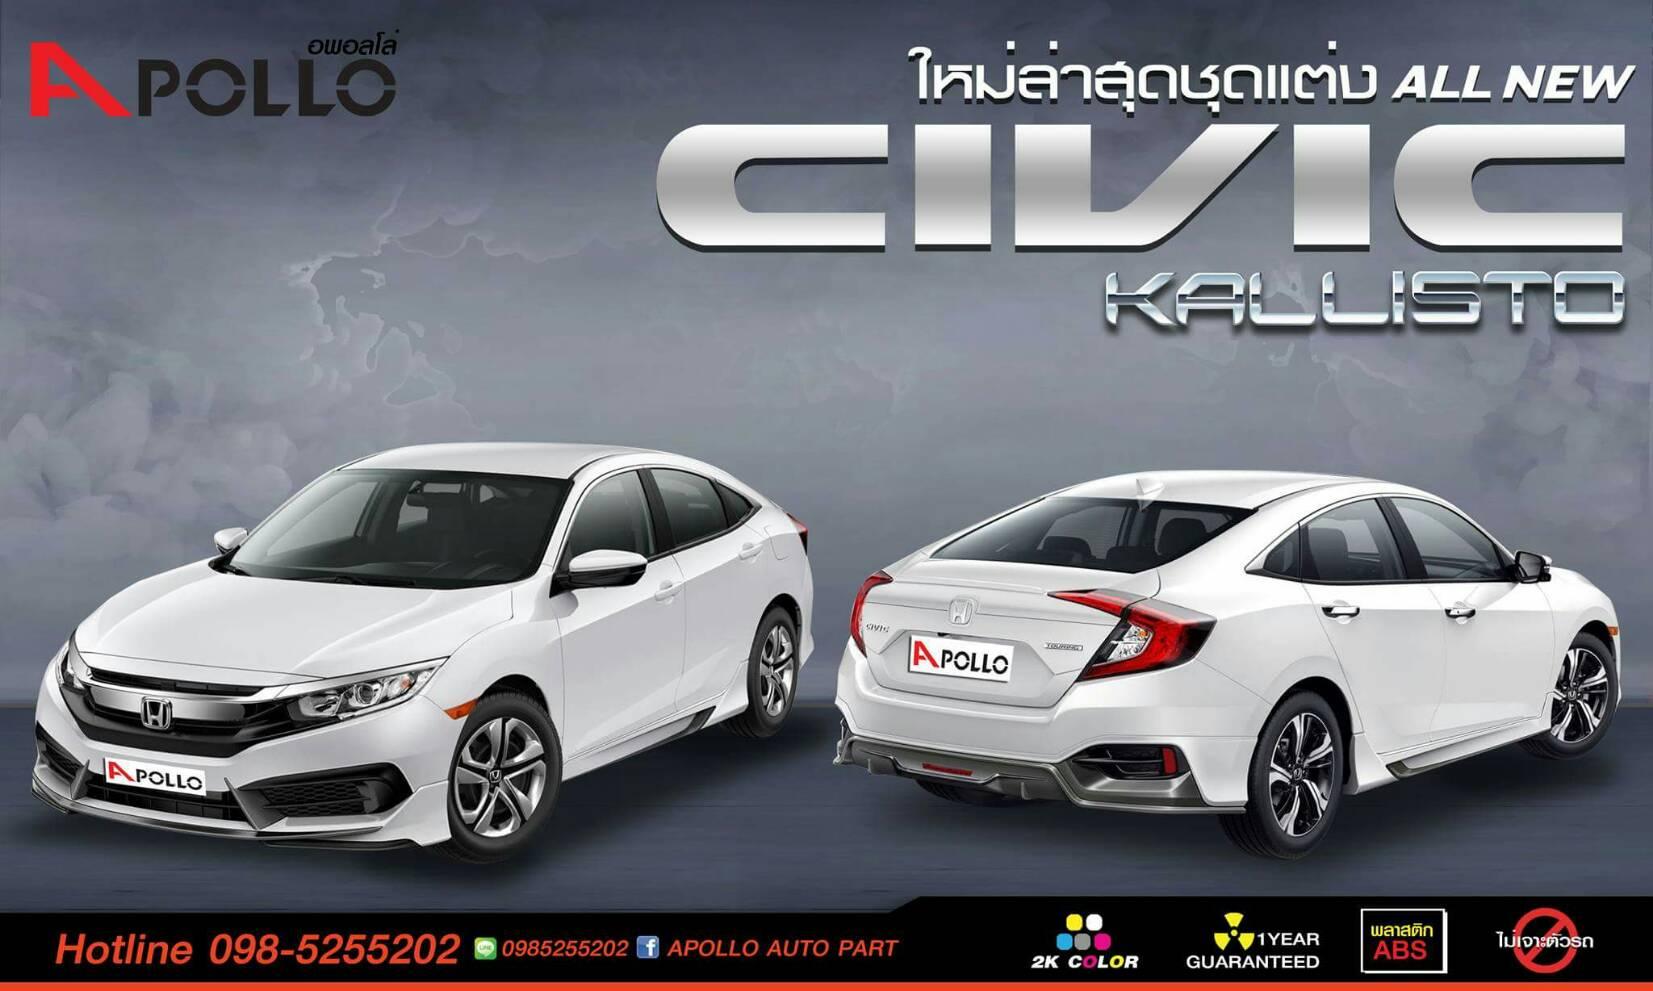 ชุดแต่งรอบคัน New Civic ค่าย Apollo (2016-ขึ่นไป)